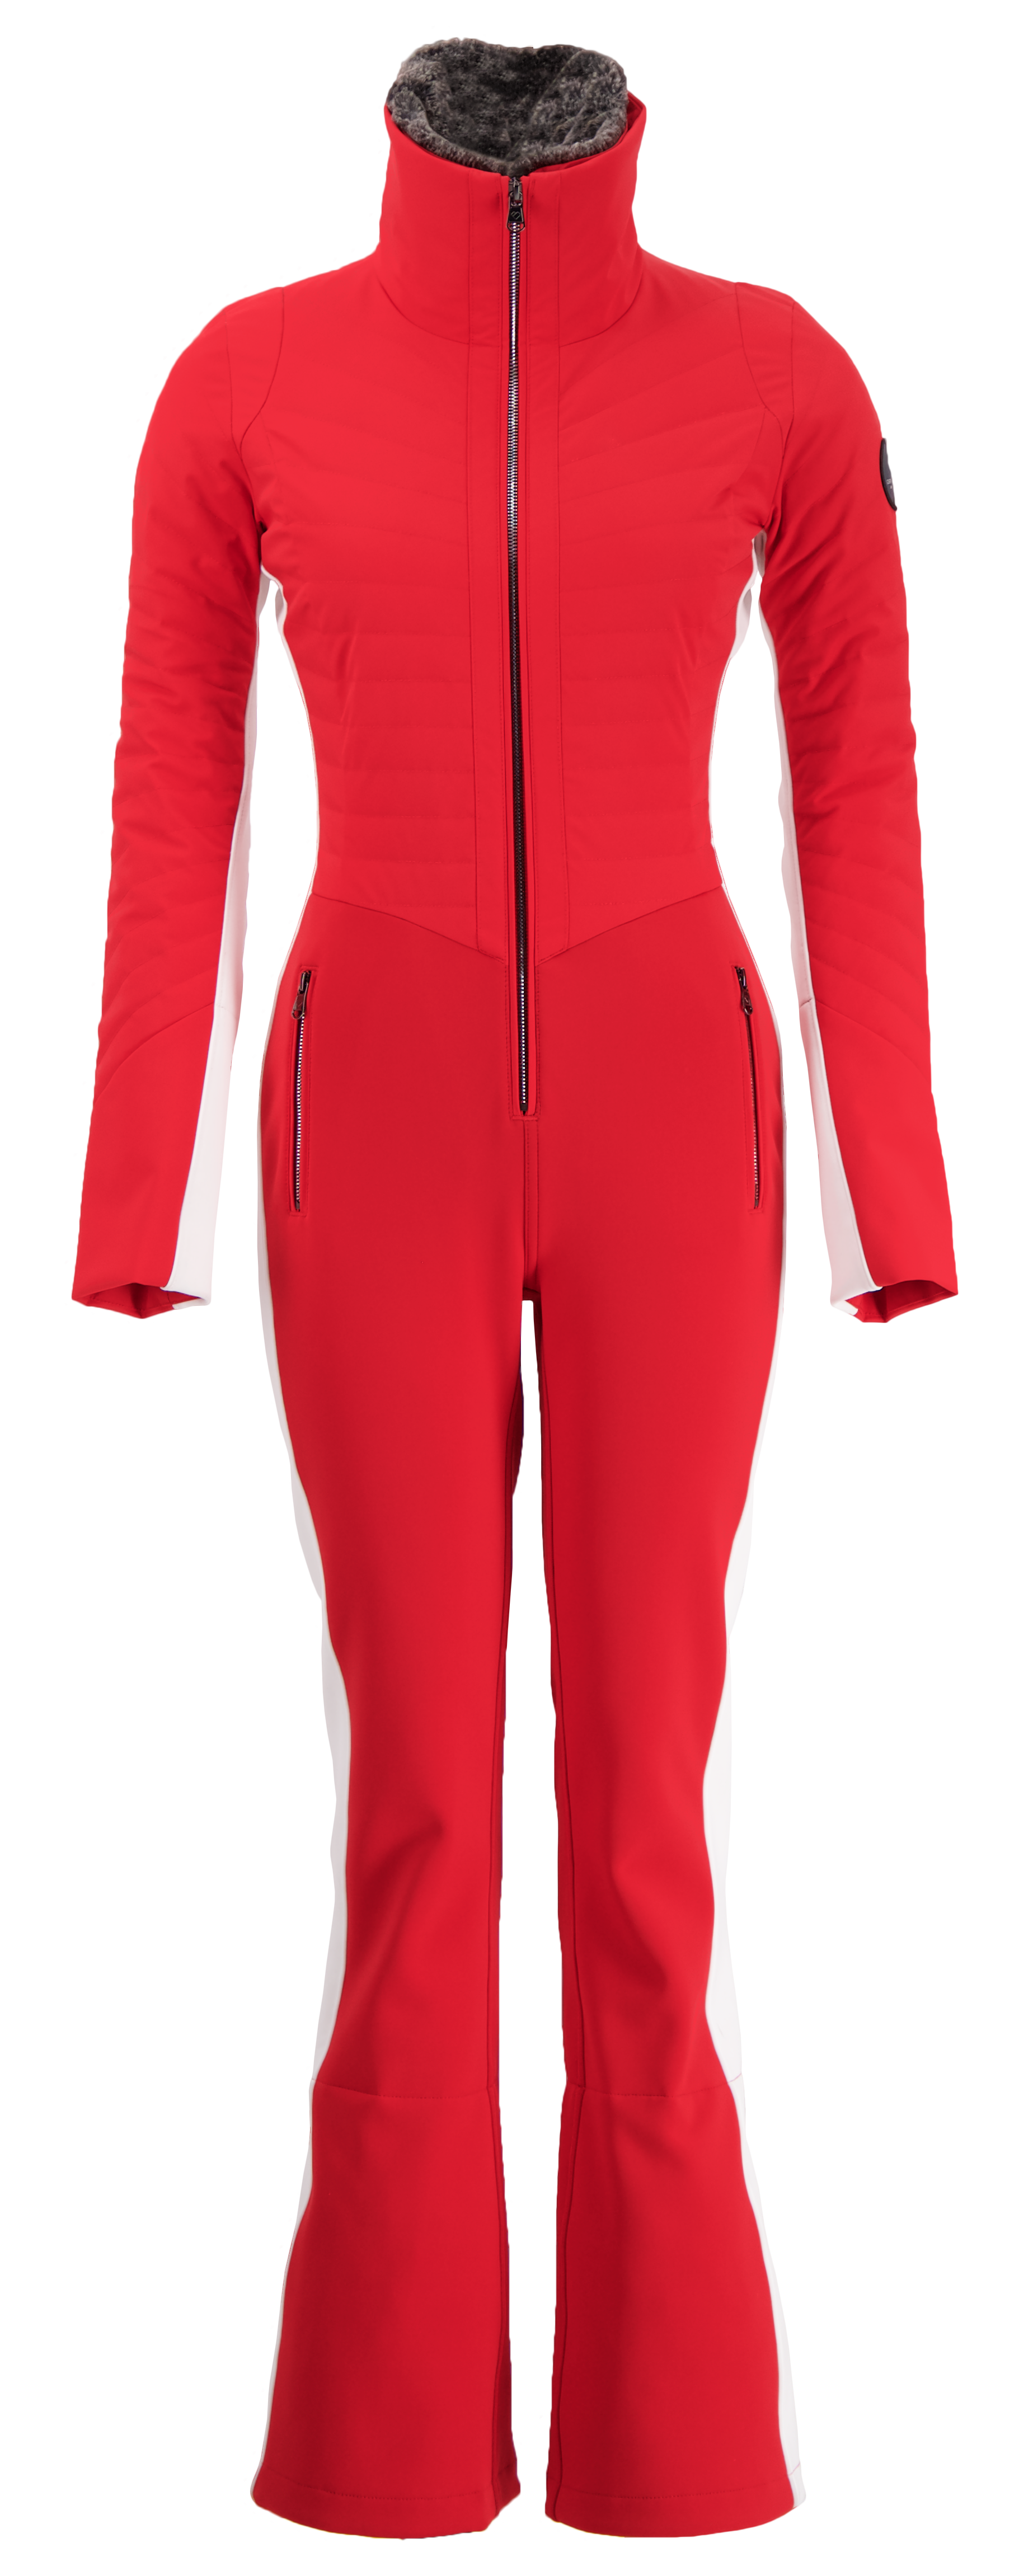 Q SIA 2001: 2001-2002 Ski Jackets